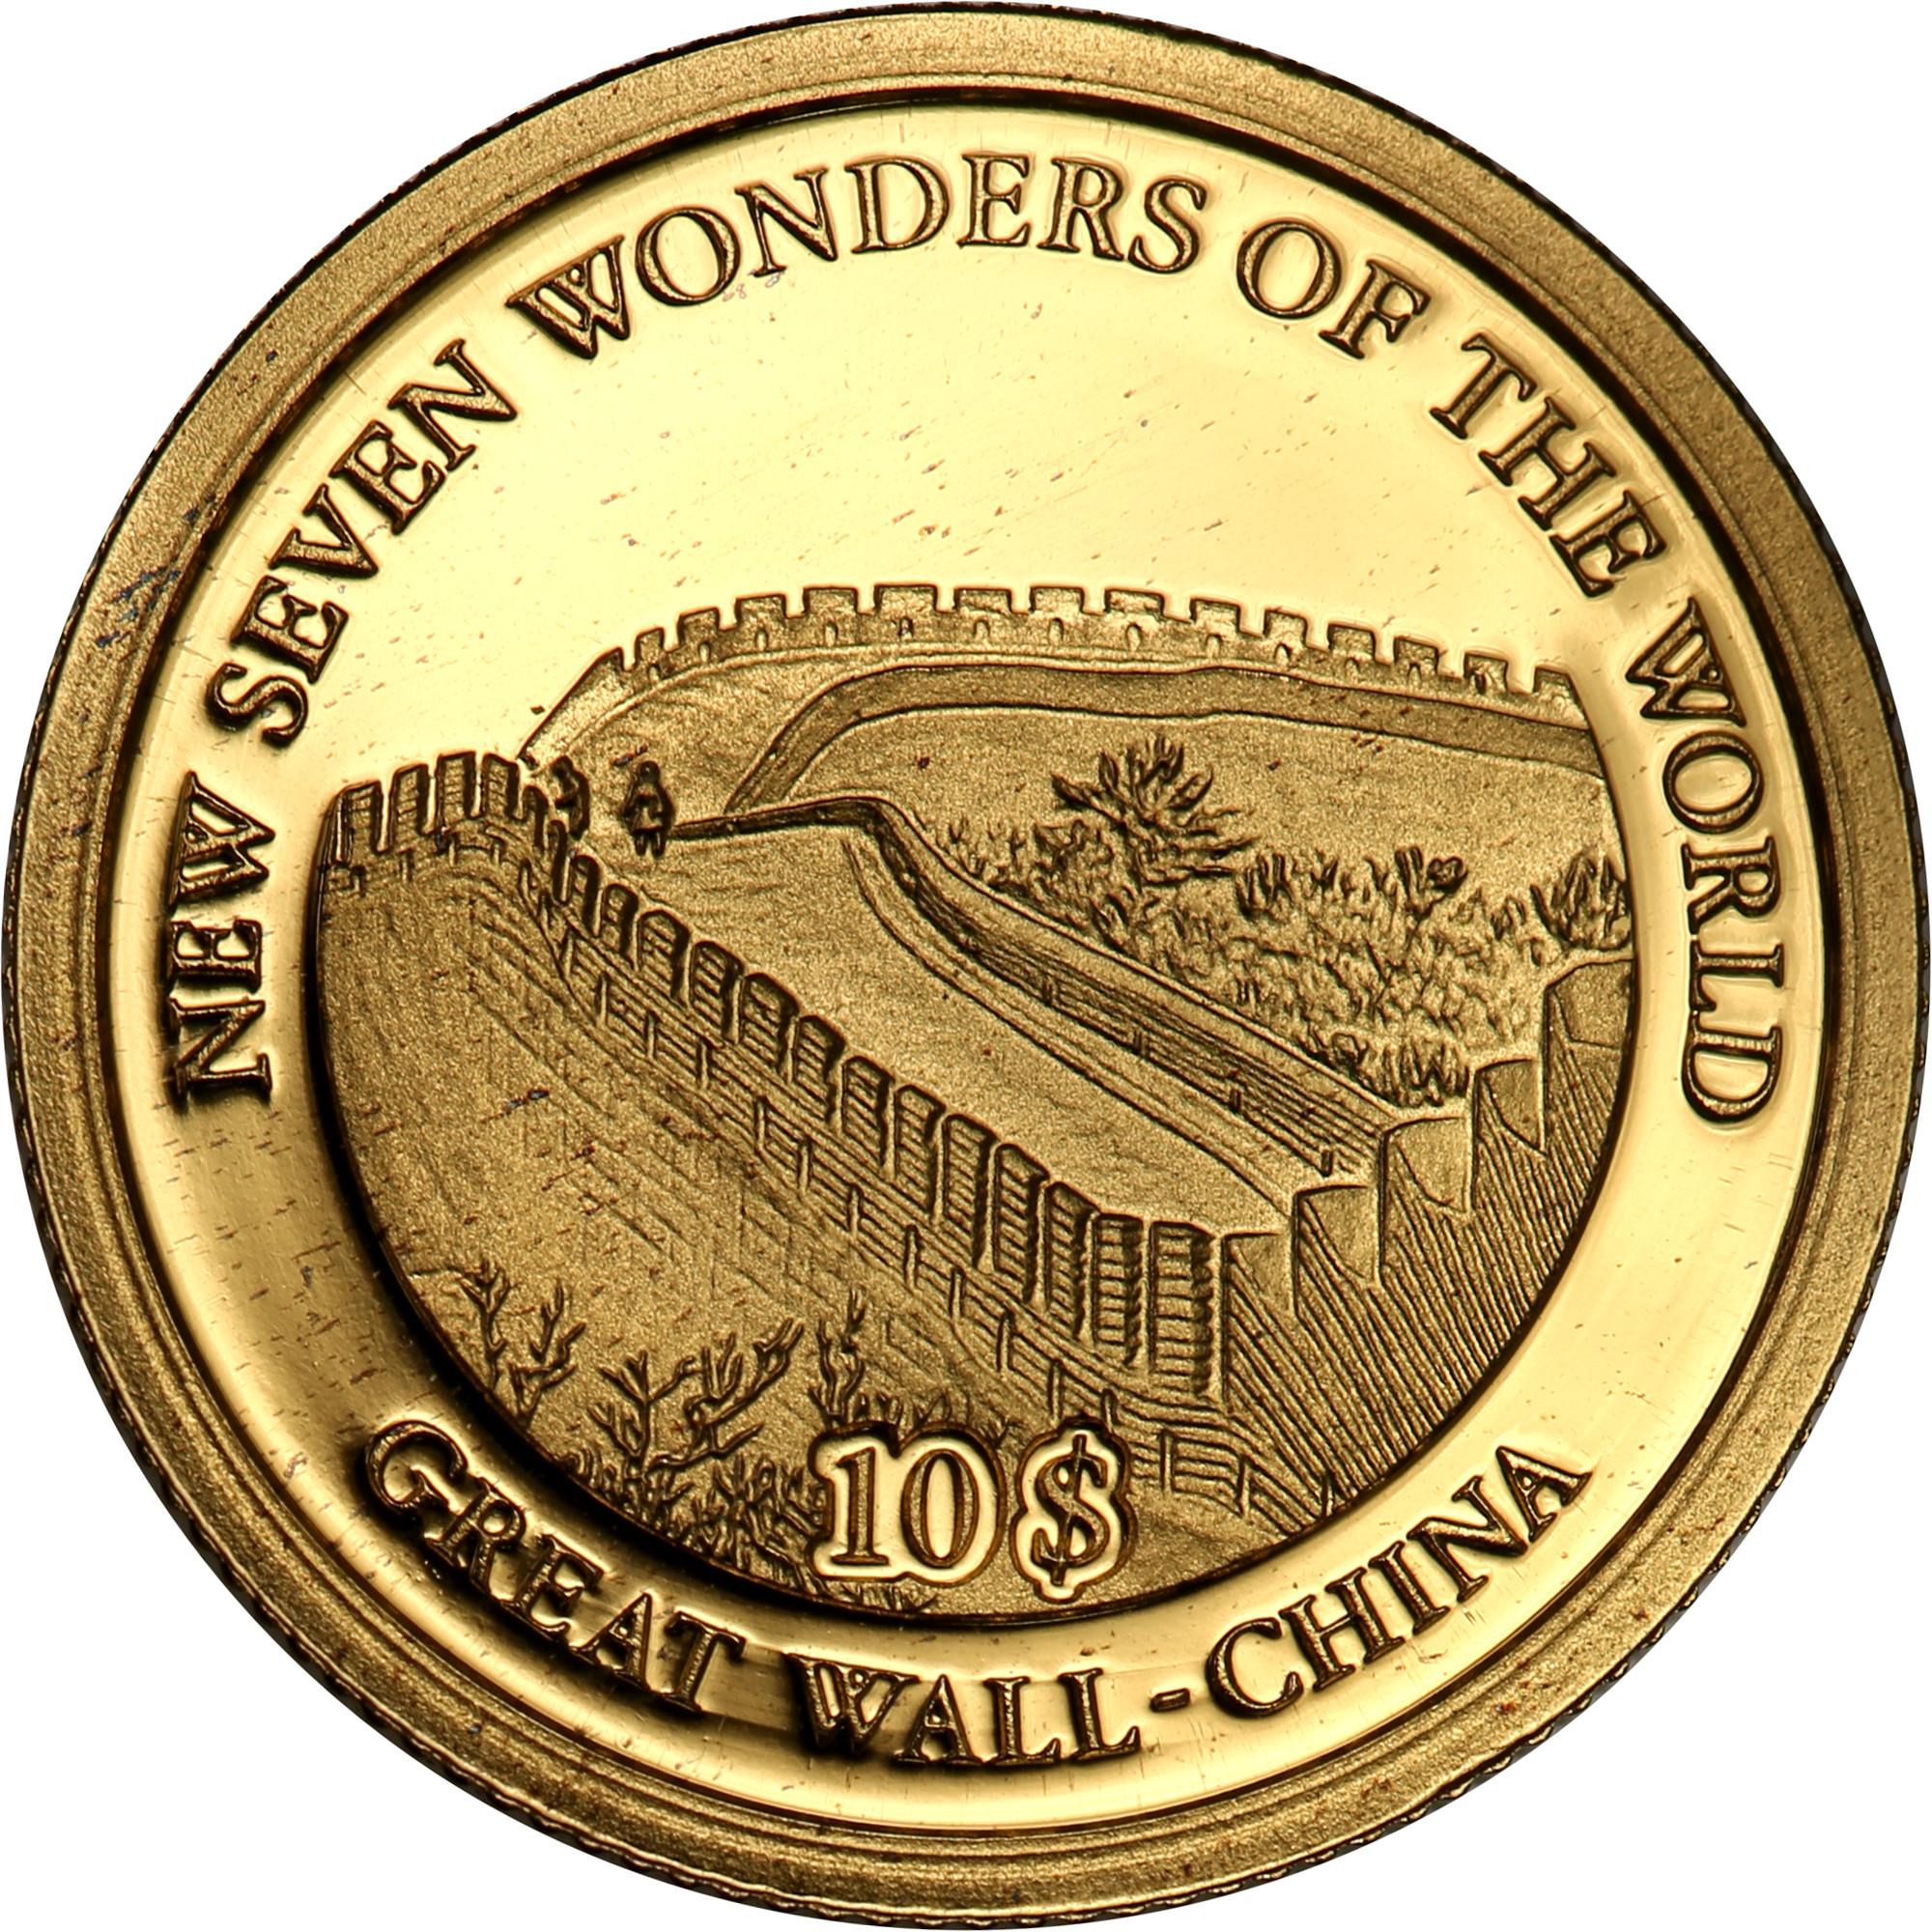 Wyspy Salomona. 10 dolarów Wysp Salomona 2007  Wielki Mur Chiński st.L